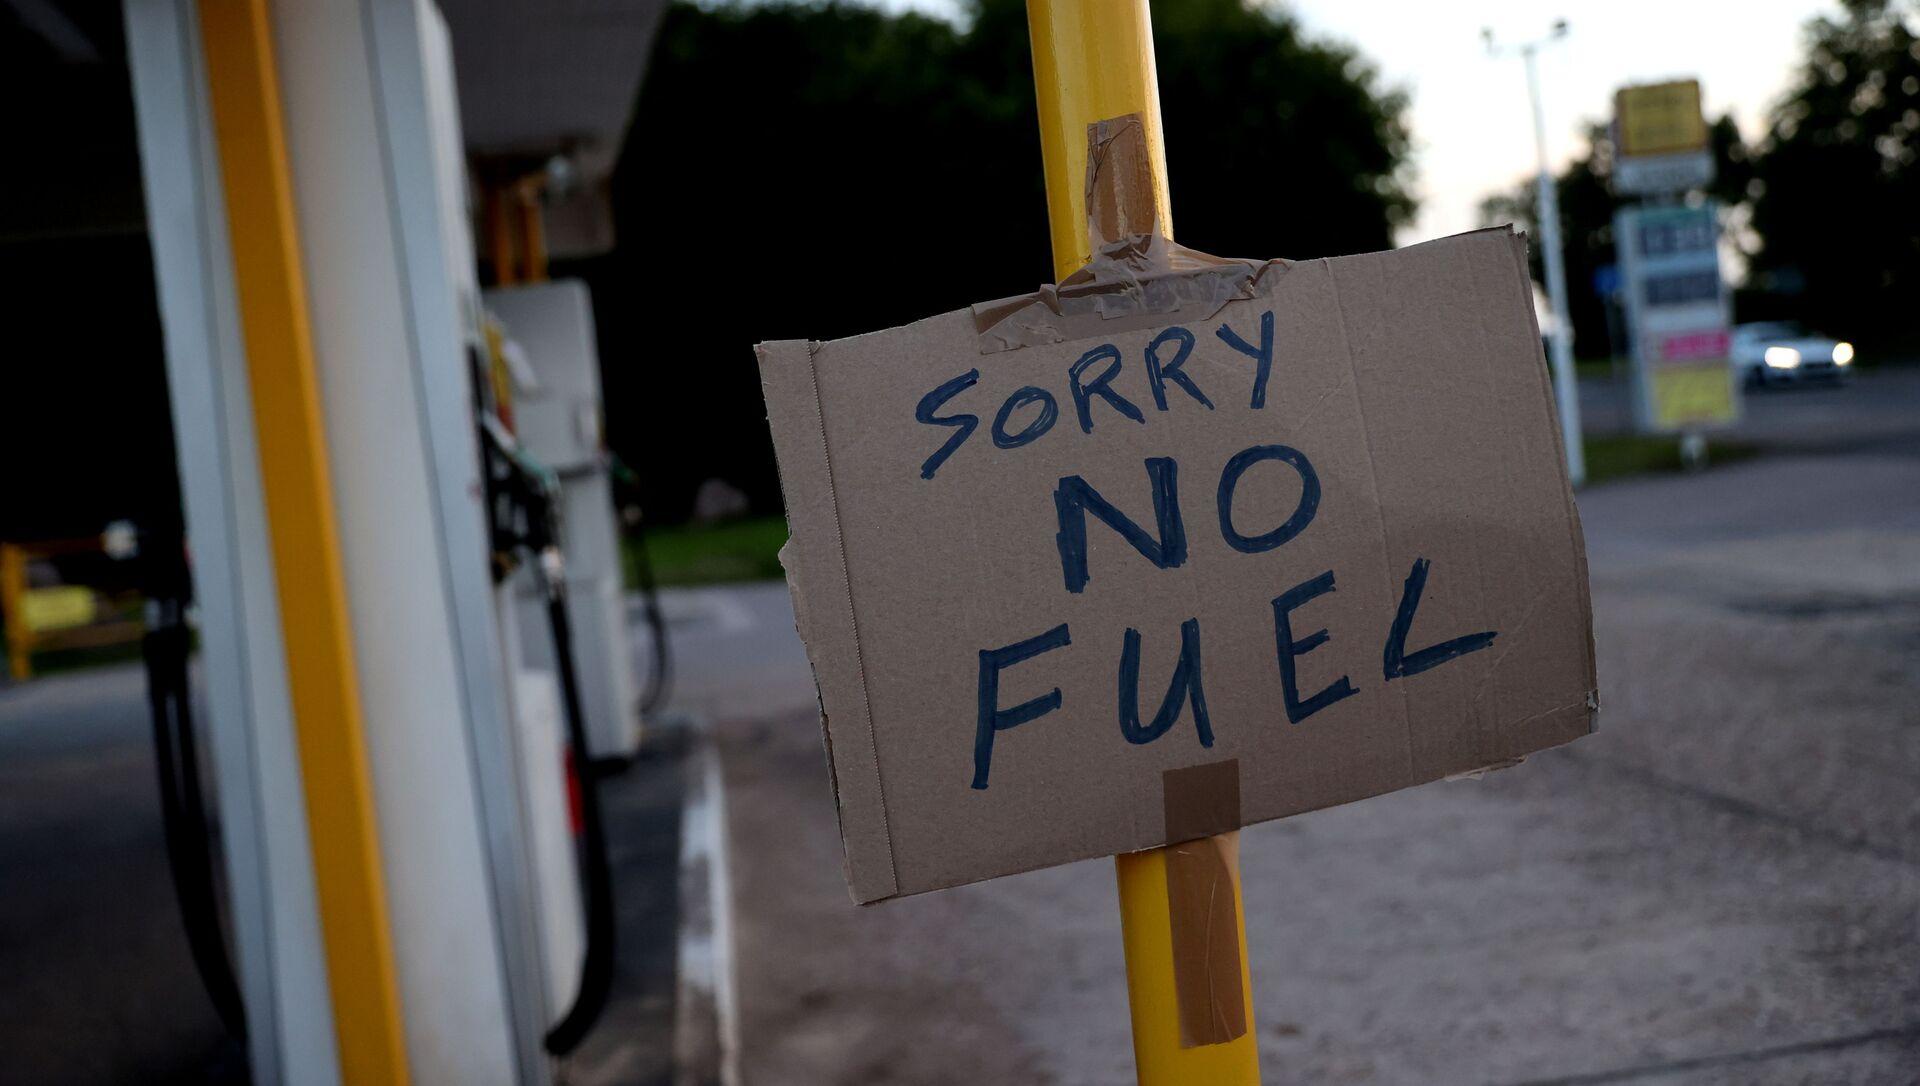 Знак, показывающий клиентам, что закончилось топливо, изображен на заправочной станции Hilltop Garage в Ротли, Лестершир, Великобритания, 25 сентября 2021 года. - Sputnik Абхазия, 1920, 28.09.2021